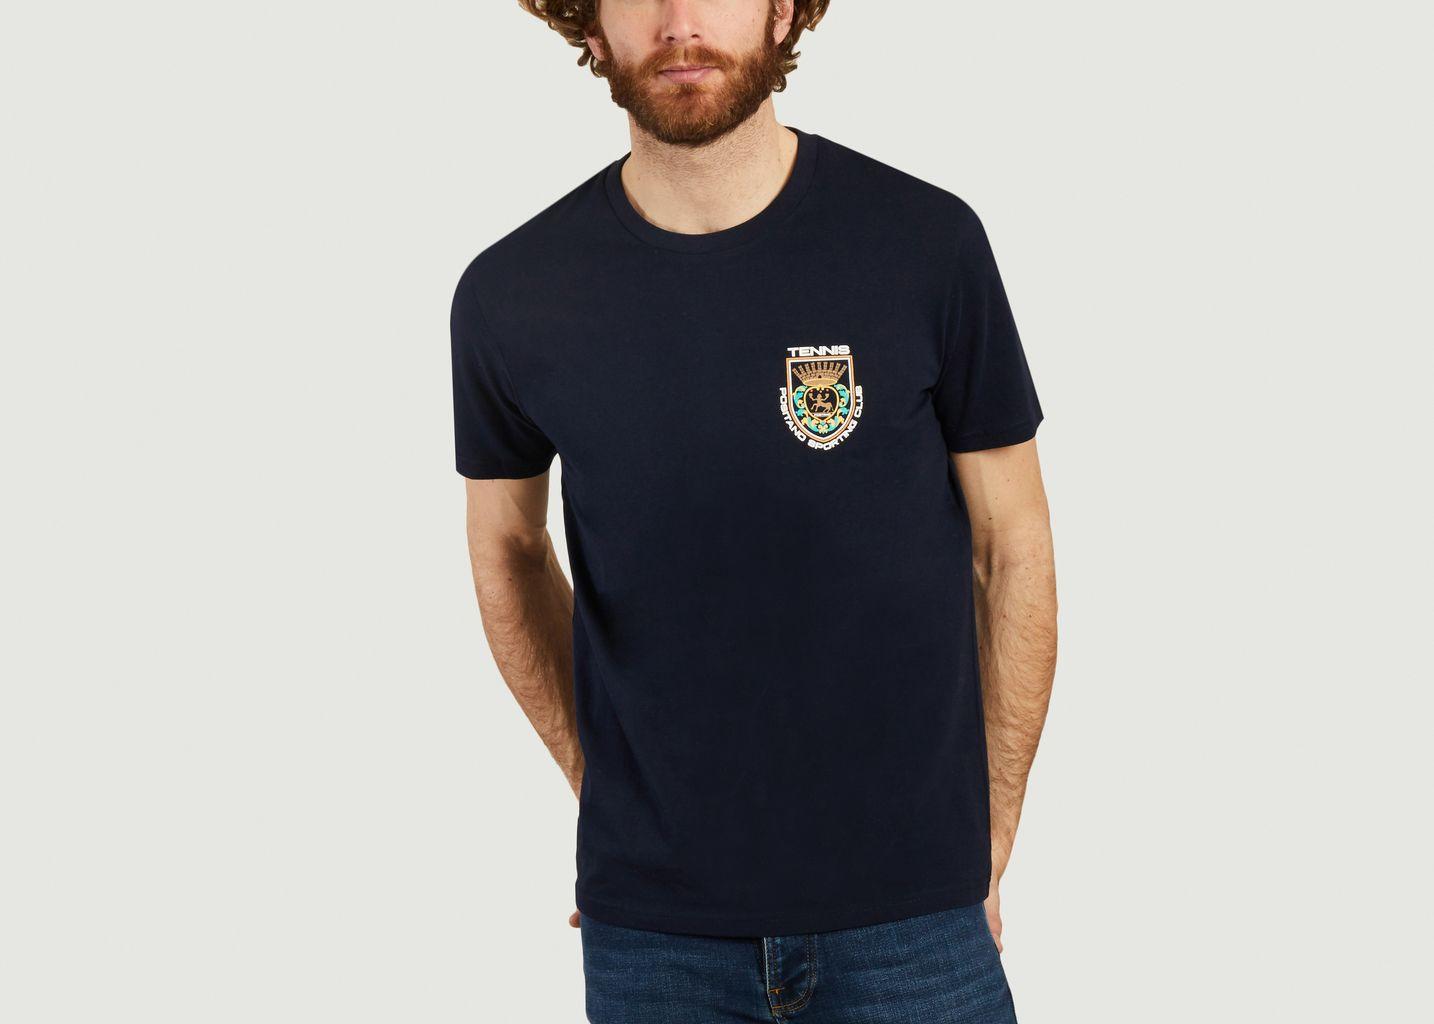 T-shirt Positano Sporting Club - Harmony